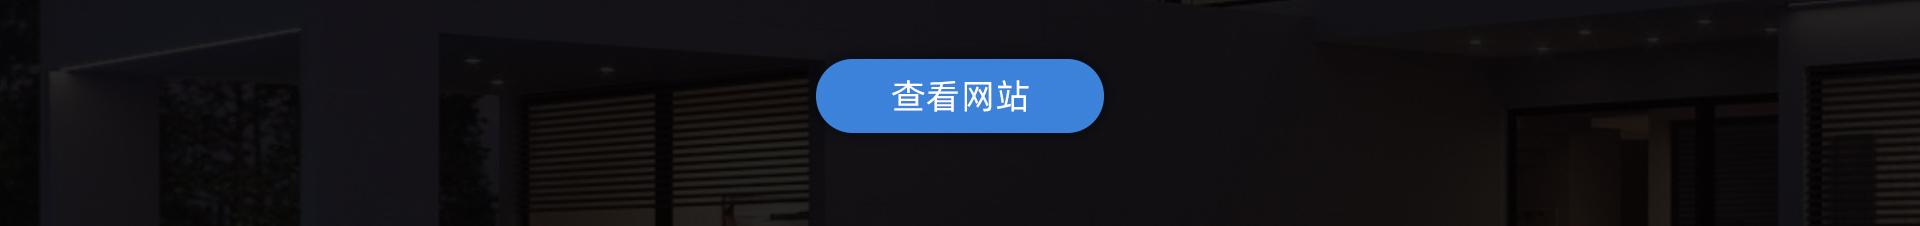 赛娜组-安萌萌-啦芙莱_02